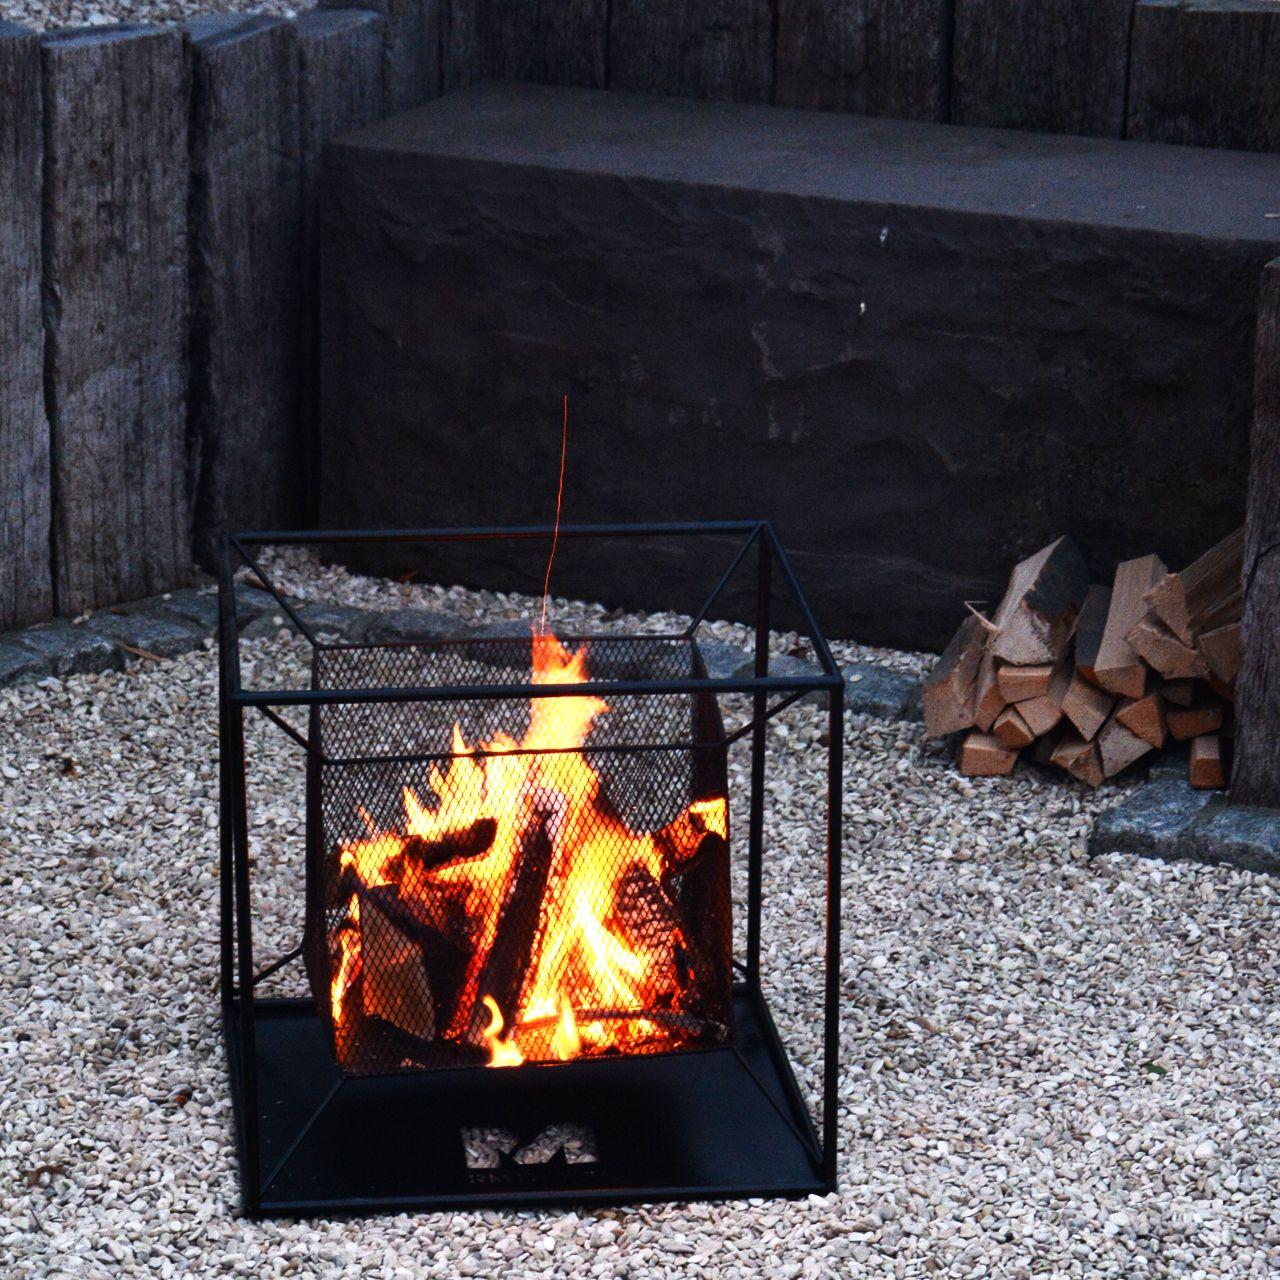 Feuerschale Terrassenofen Fur Gemutliches Lagerfeuer Und Gartenpartys 44 Cm Feuerschale Feuerkorb Gartenparty